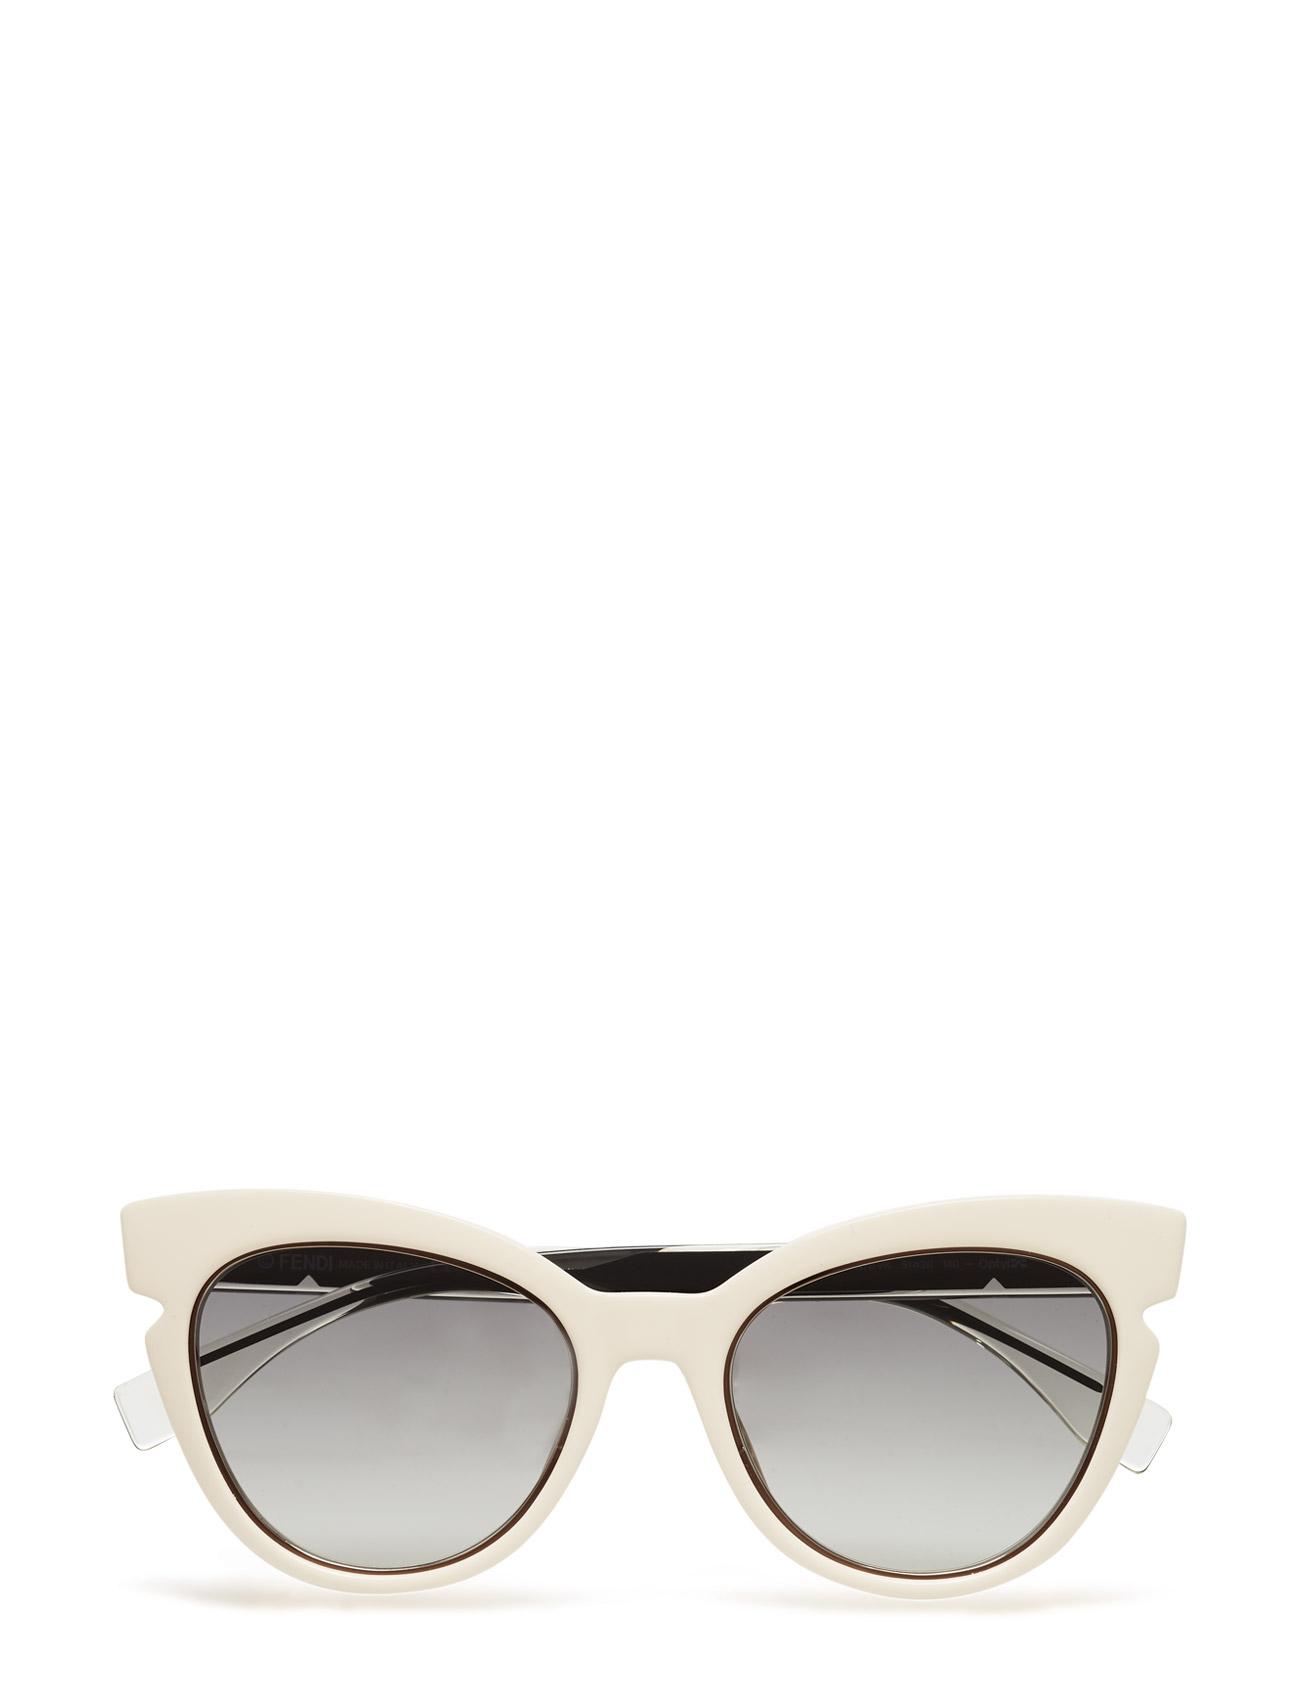 230371 Fendi Sunglasses Solbriller til Damer i